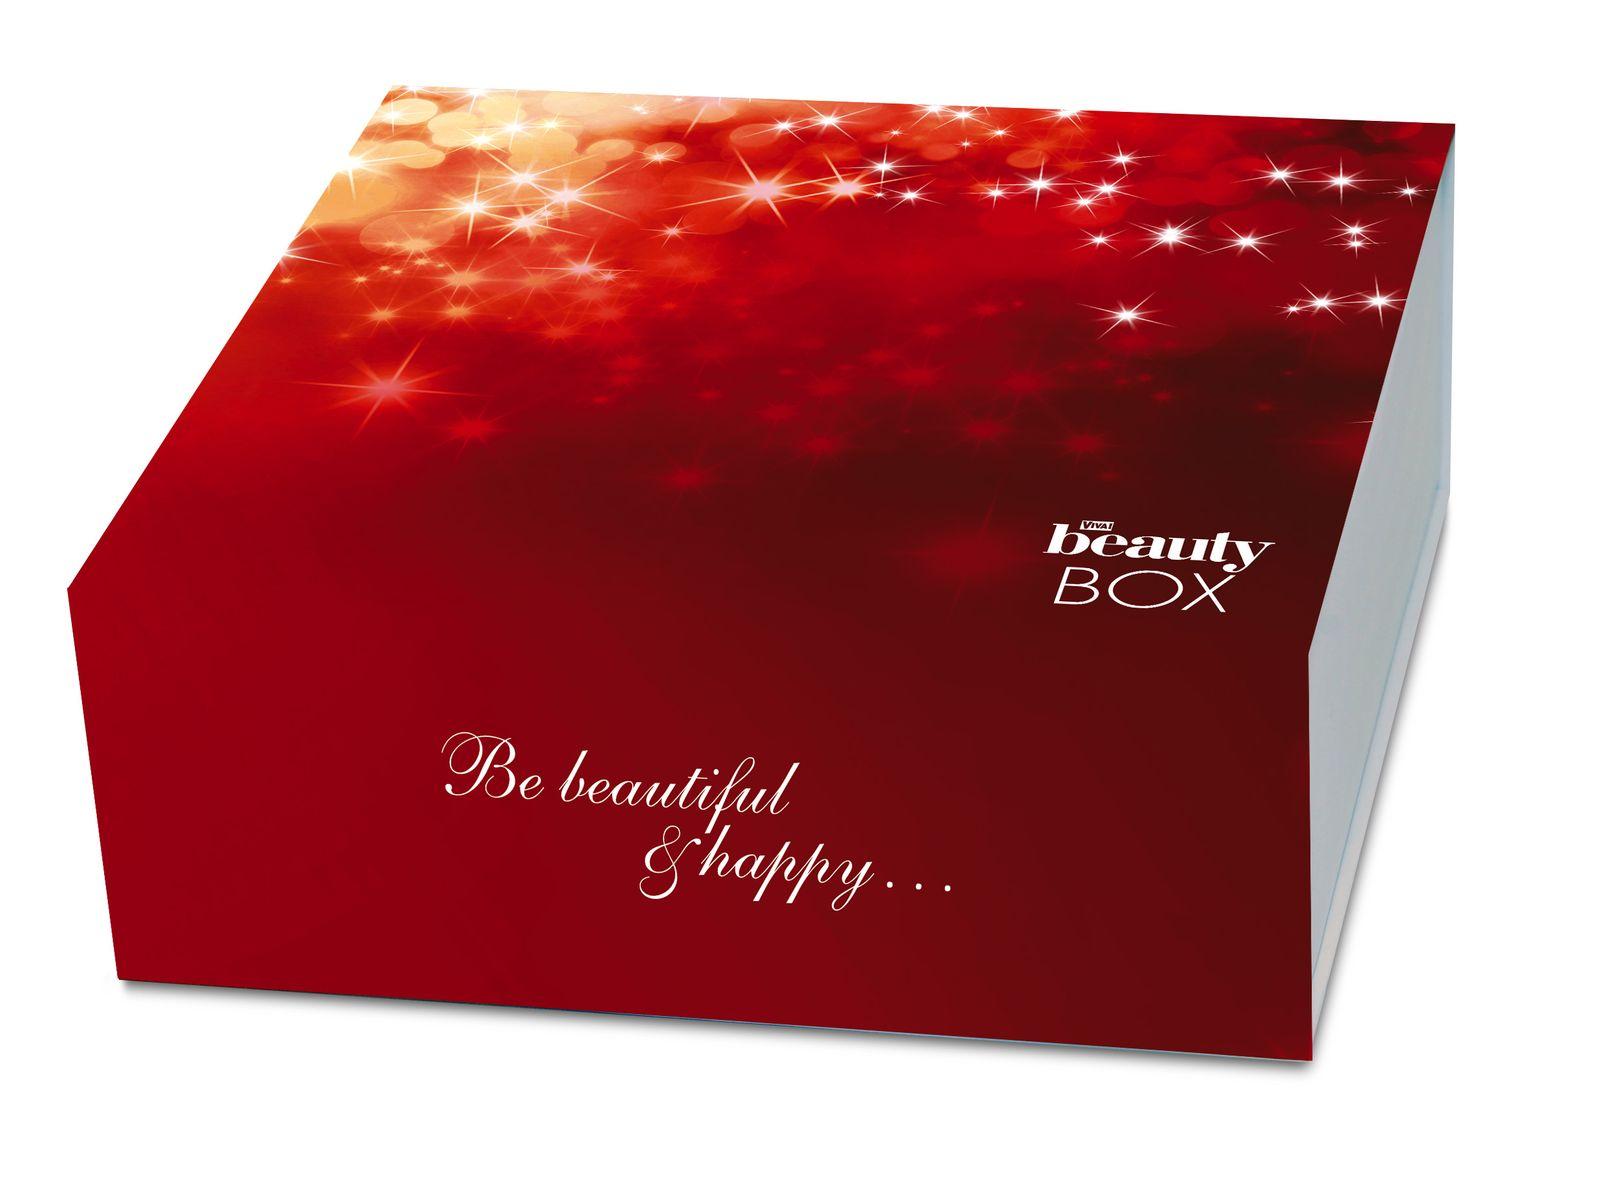 Время сюрпризов: что вас ждет в Новогоднем Viva! Beauty Box?